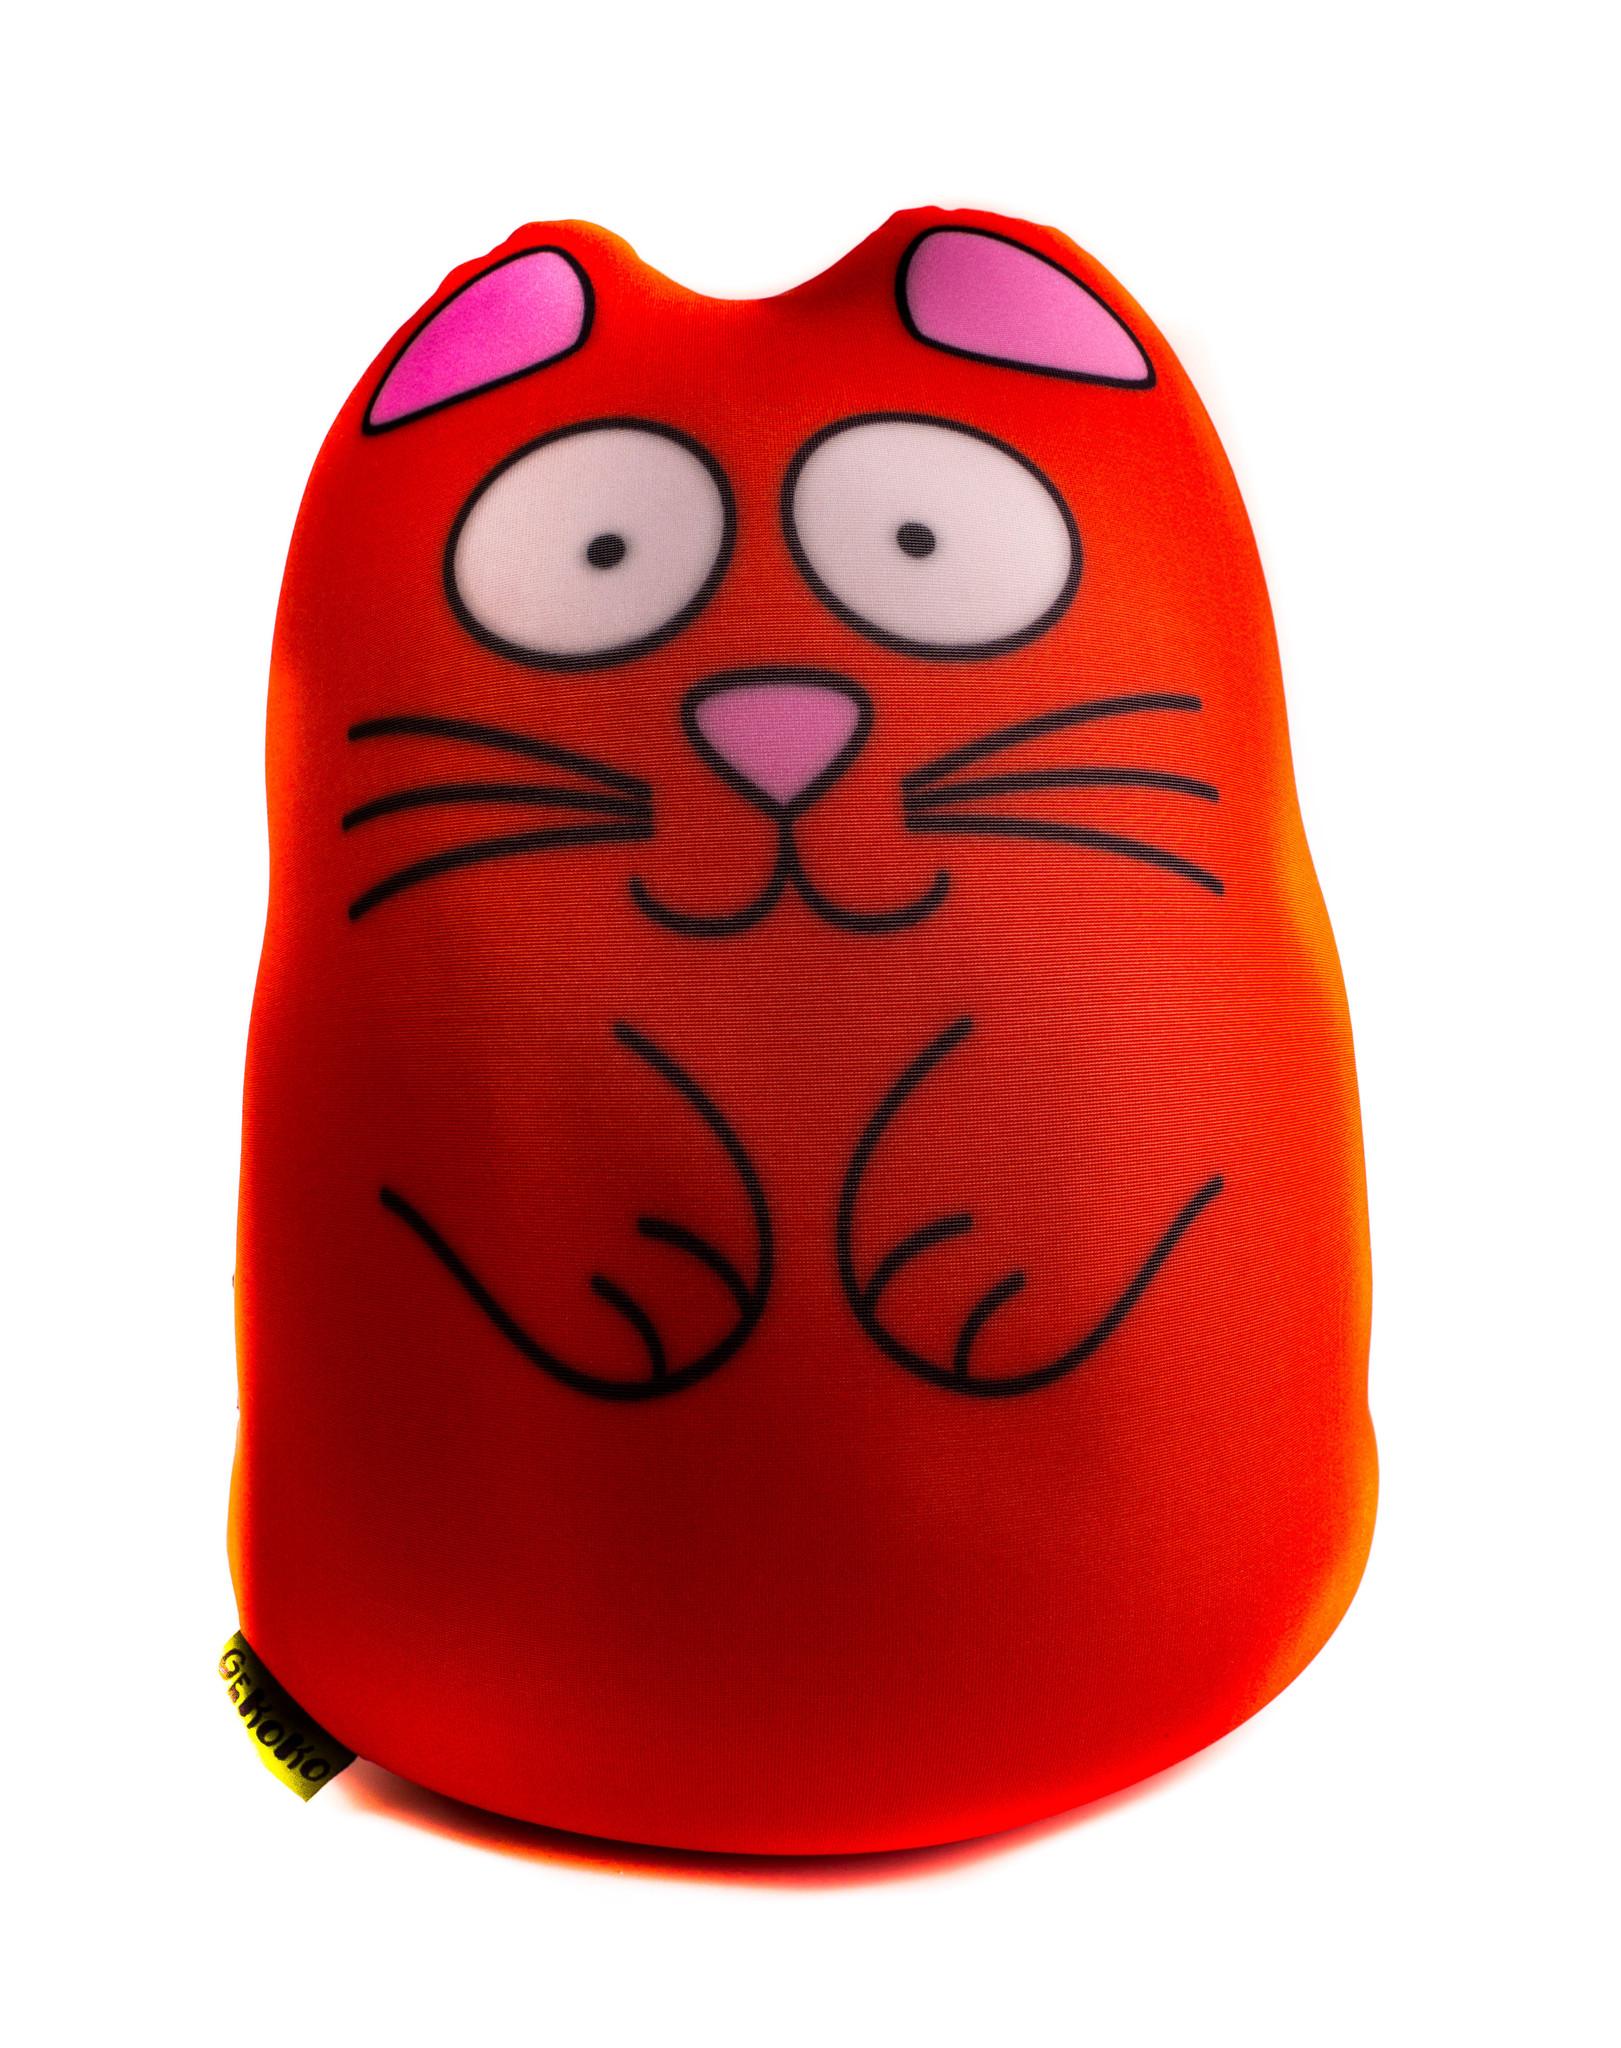 Муфта-подушка «Кот Огонек», цвет - красный, 35 см от 1 090 руб